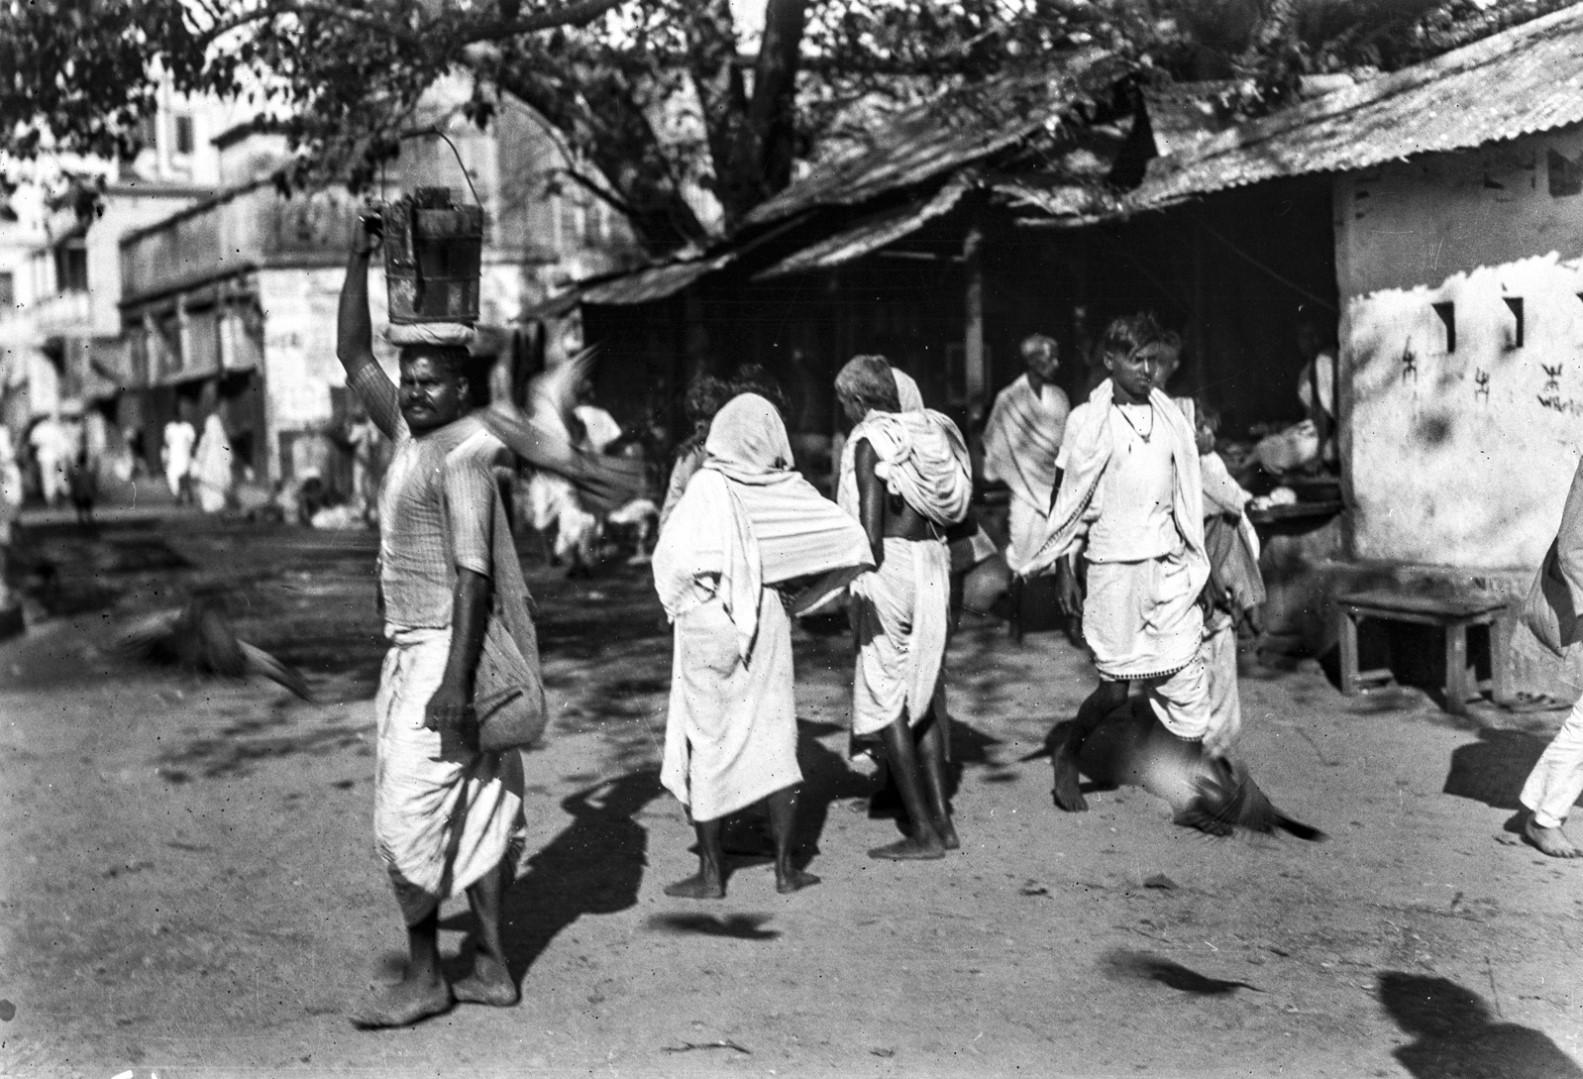 1279. Уличная сцена в Калигхате (район Калькутты)